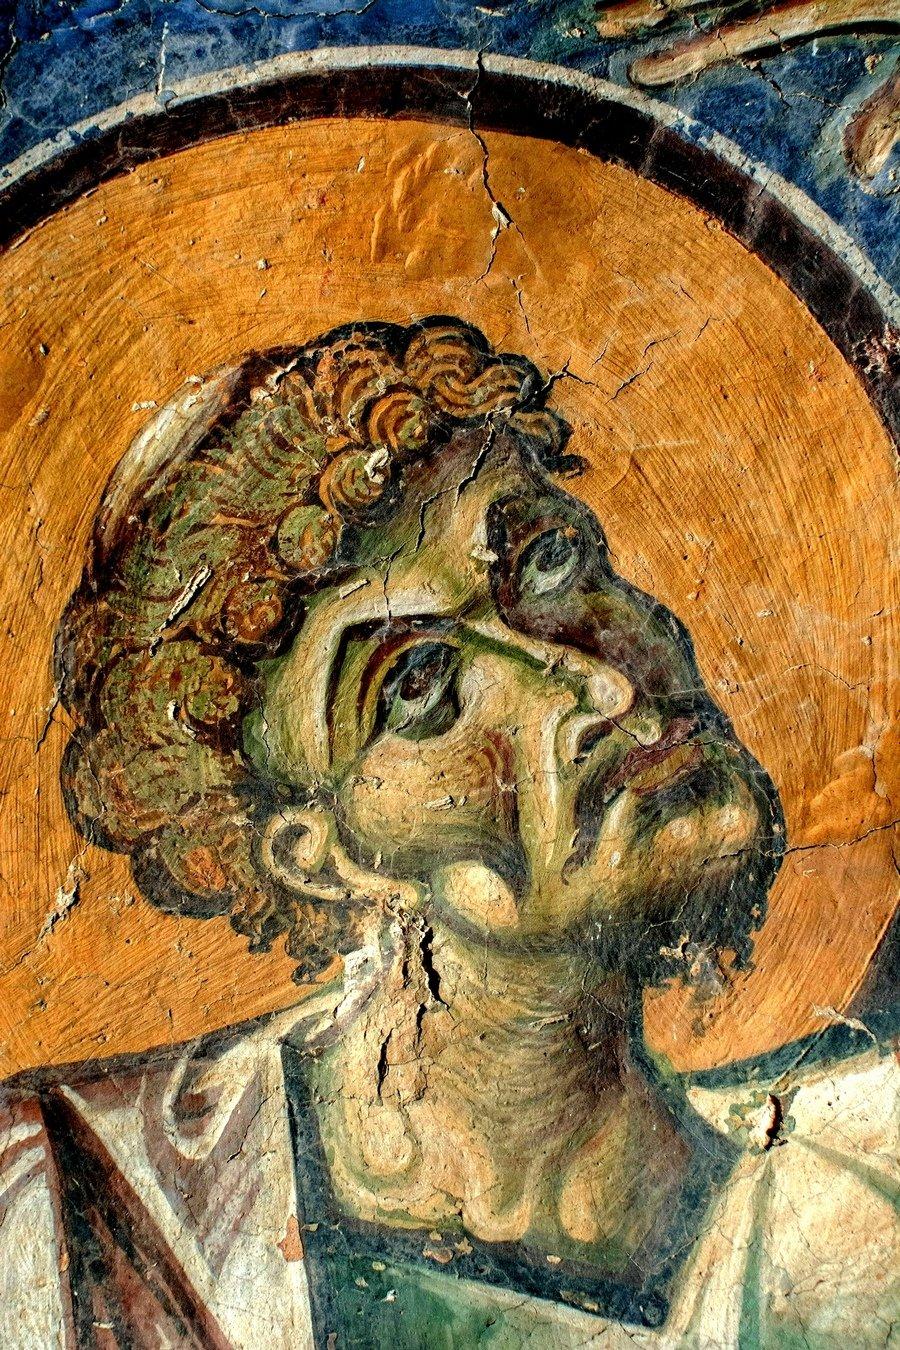 Святой Апостол и Евангелист Лука. Фреска церкви Святого Георгия в Курбиново, Македония. 1191 год.